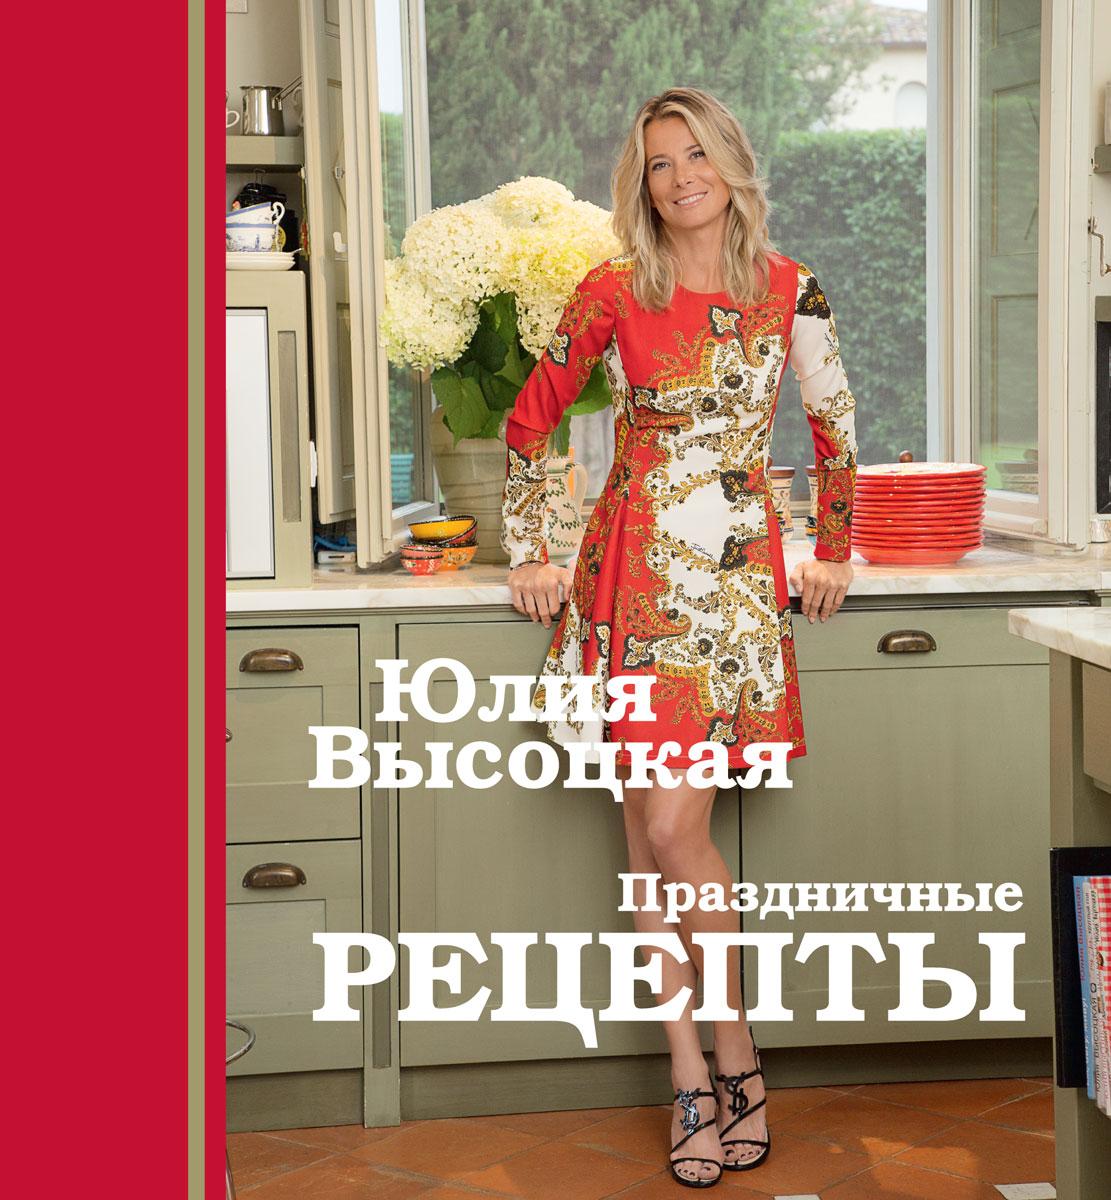 Юлия Высоцкая Праздничные рецепты